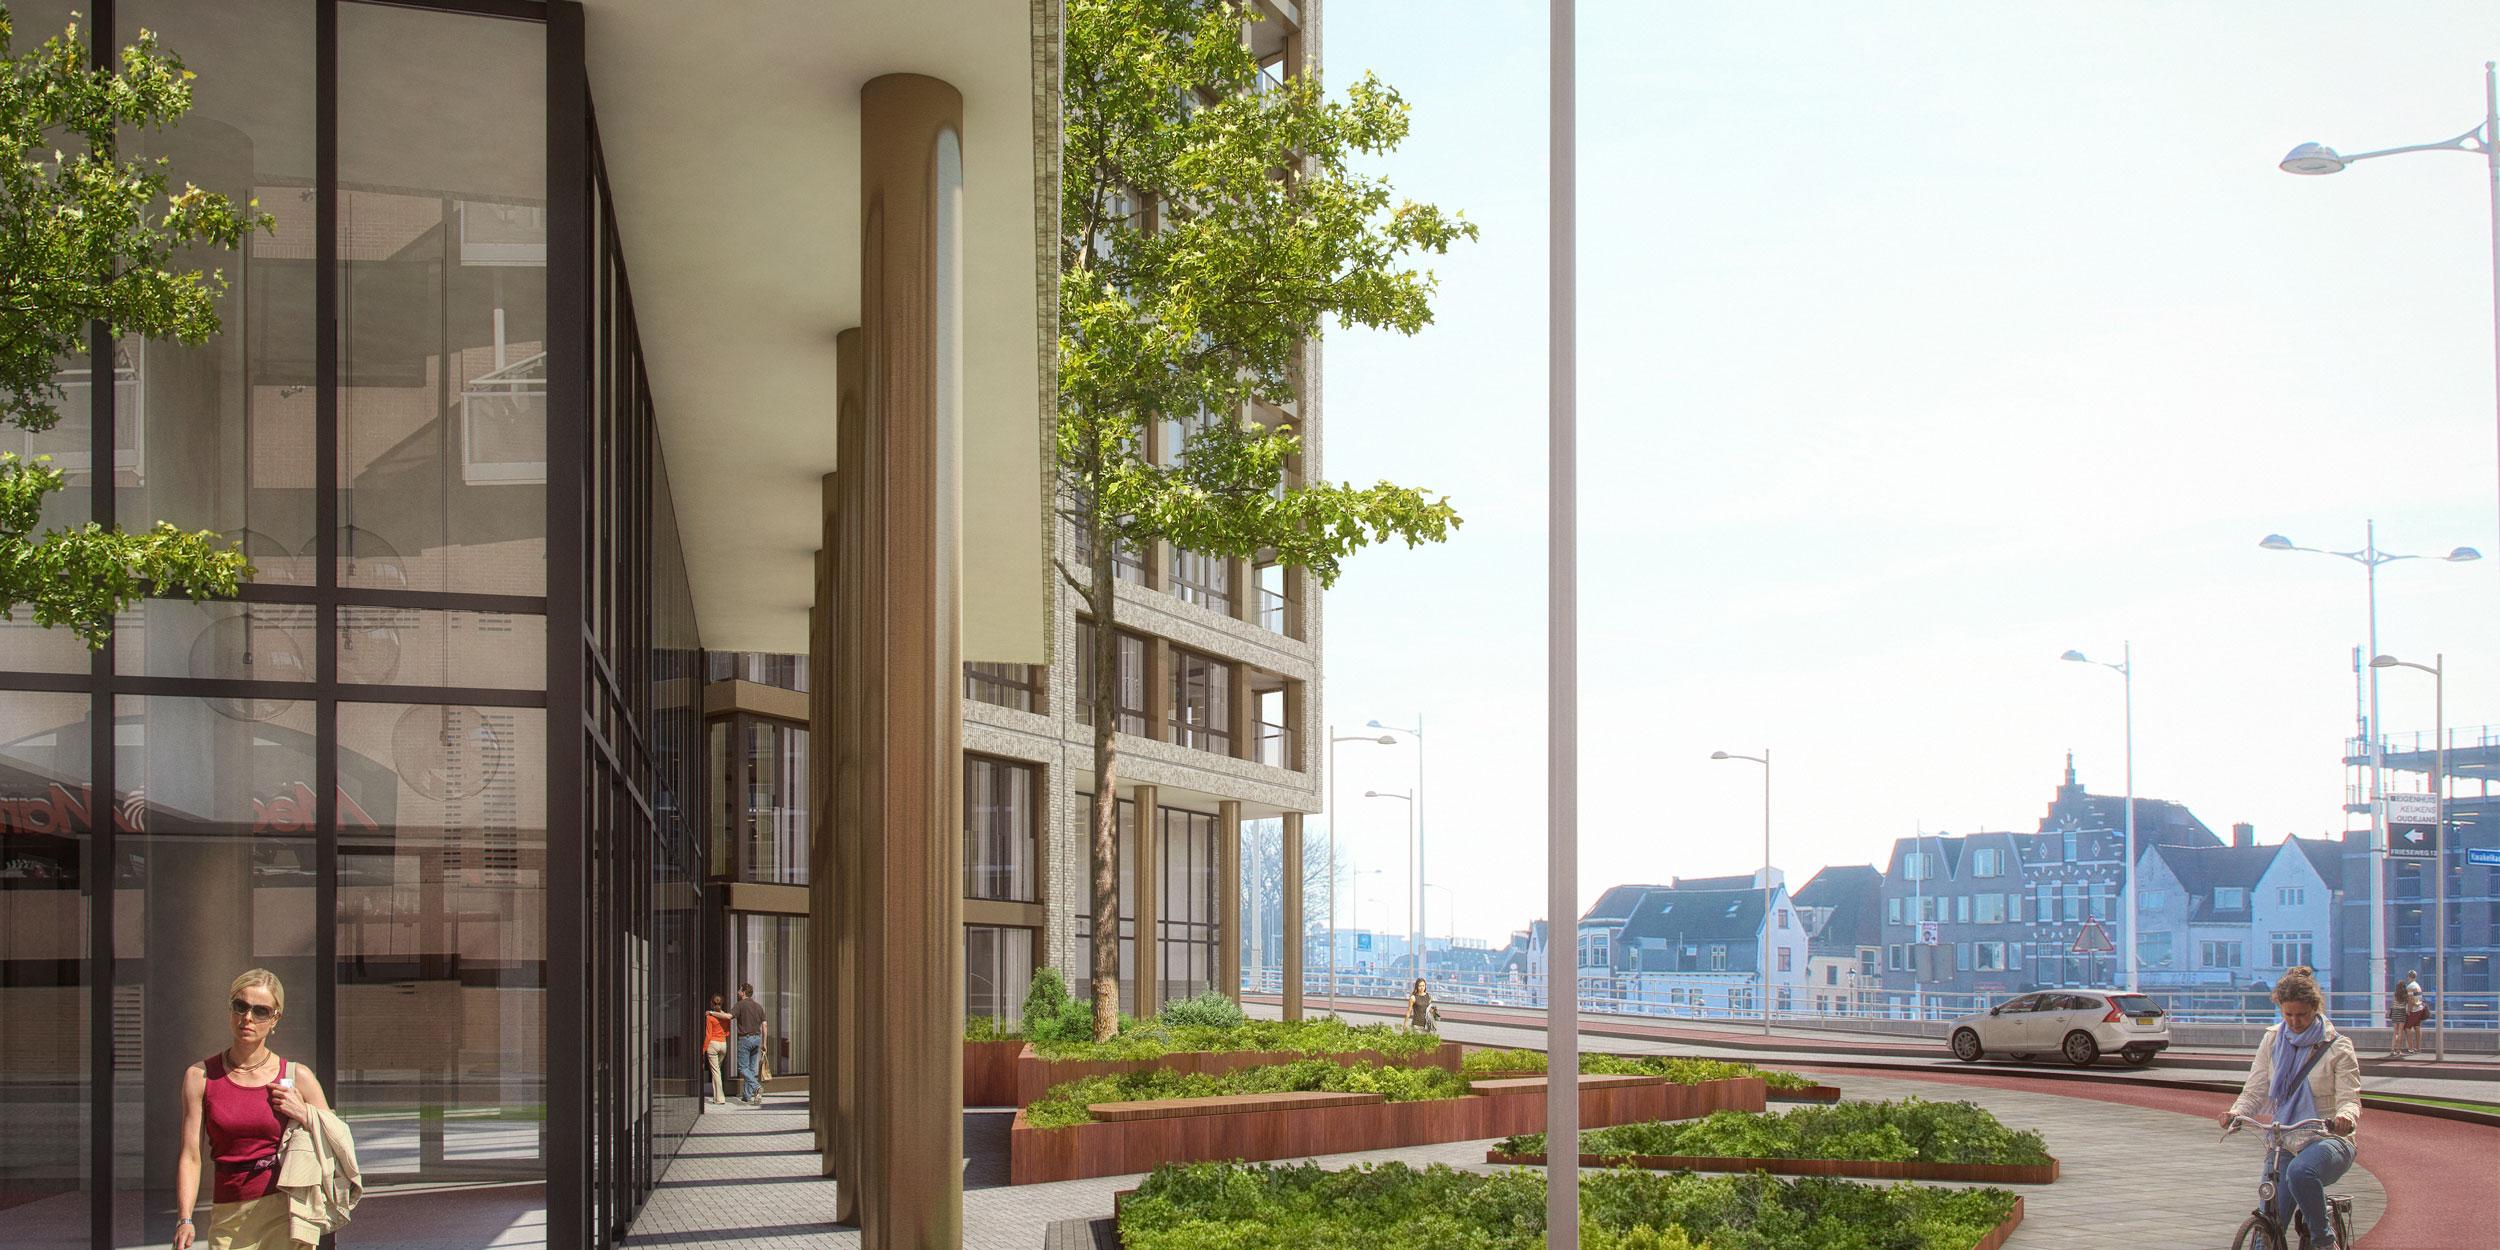 Dockside-appartementen-alkmaar-entree-header-licht